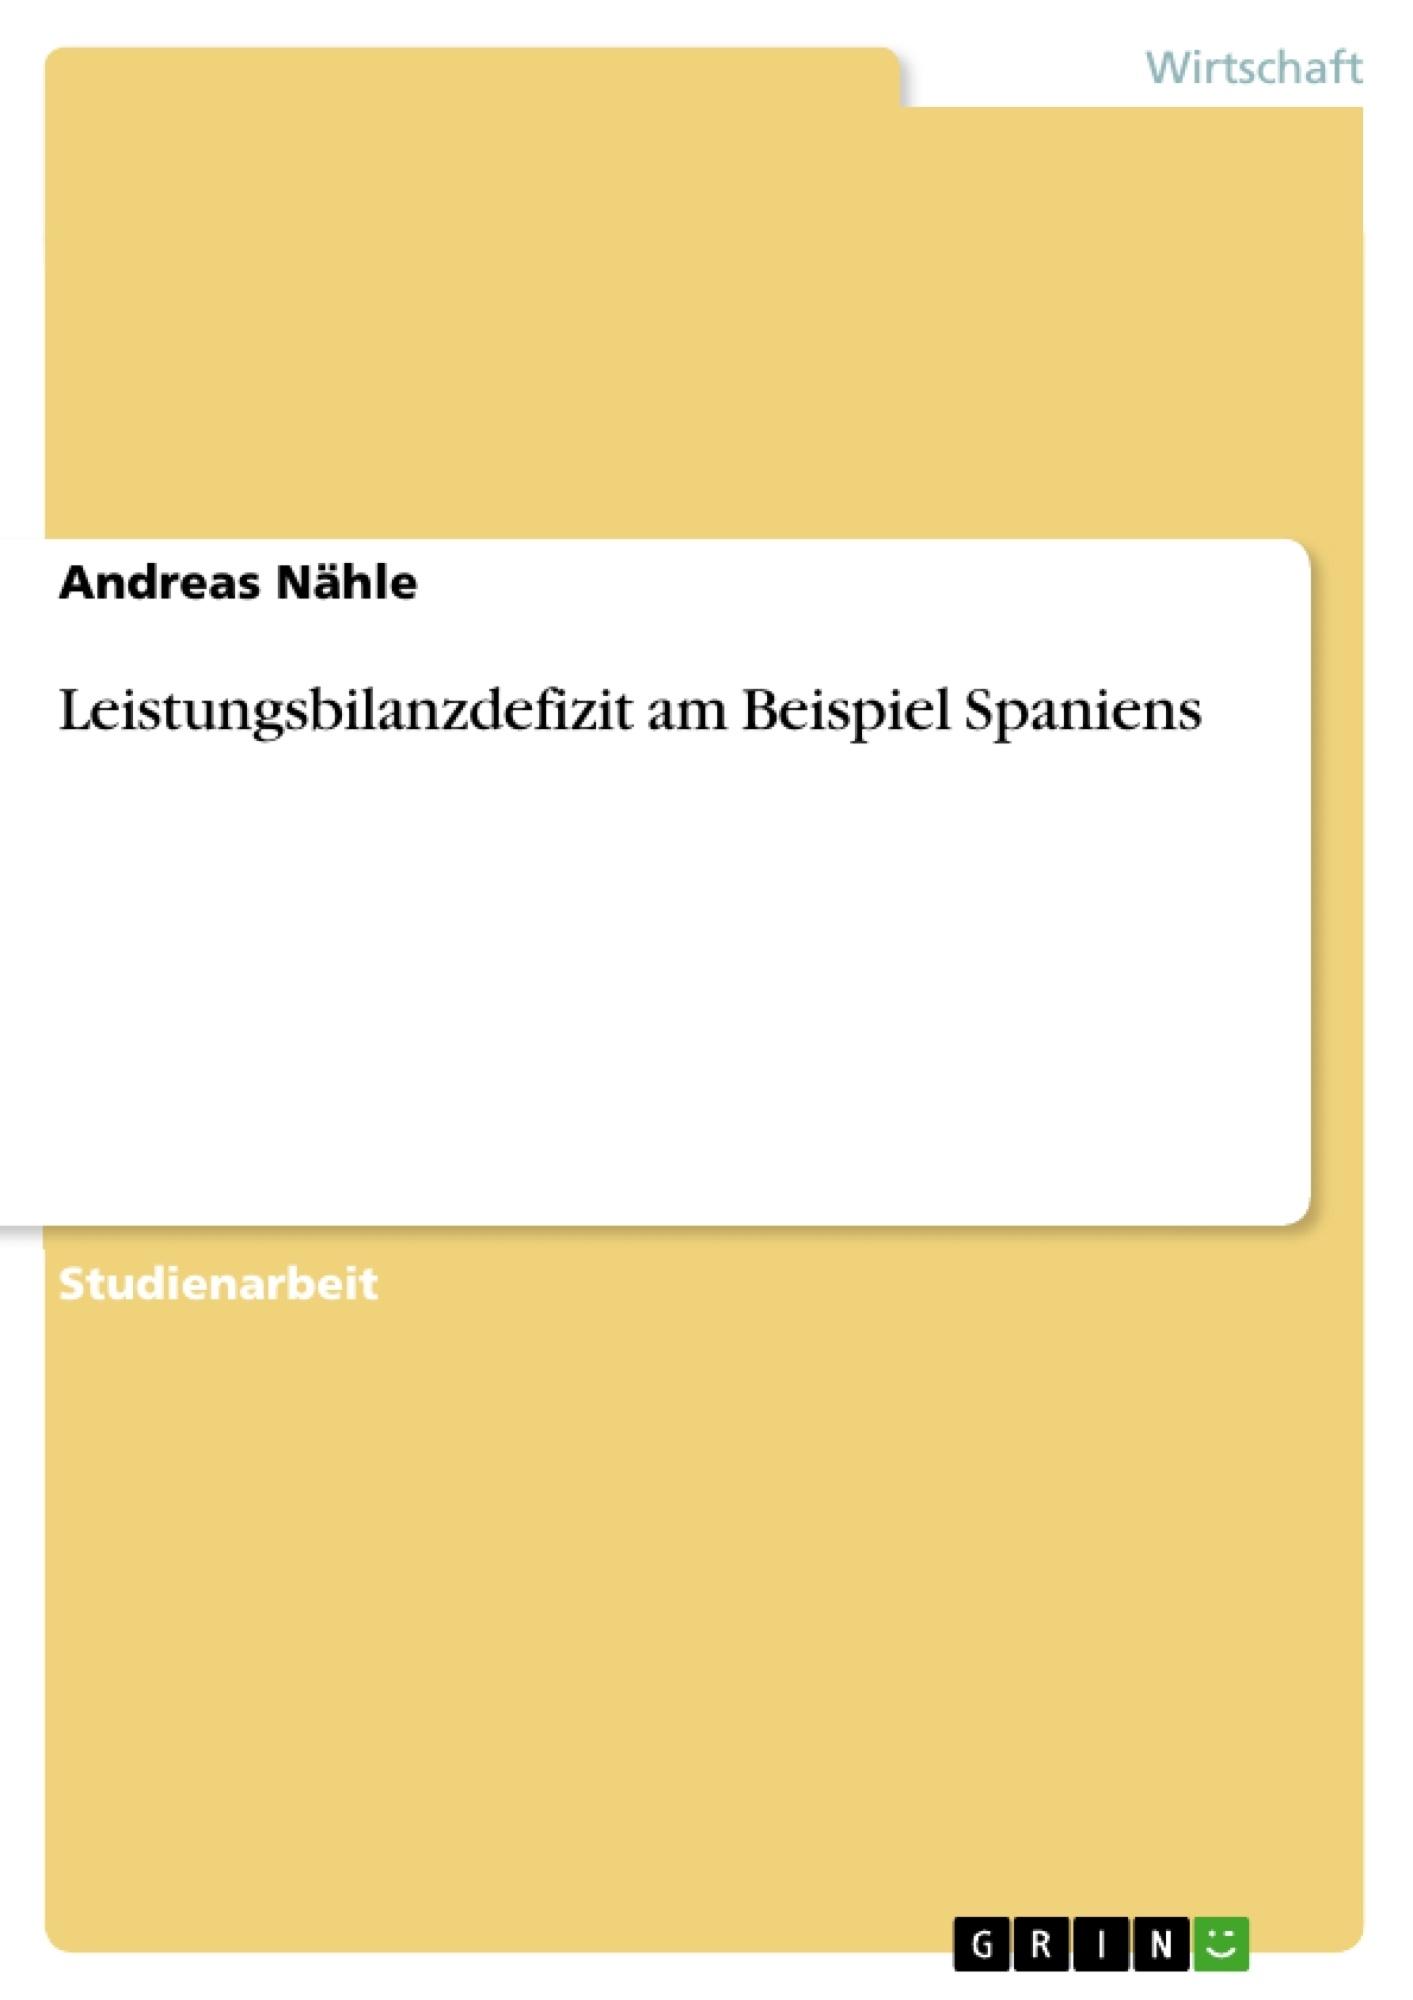 Titel: Leistungsbilanzdefizit am Beispiel Spaniens